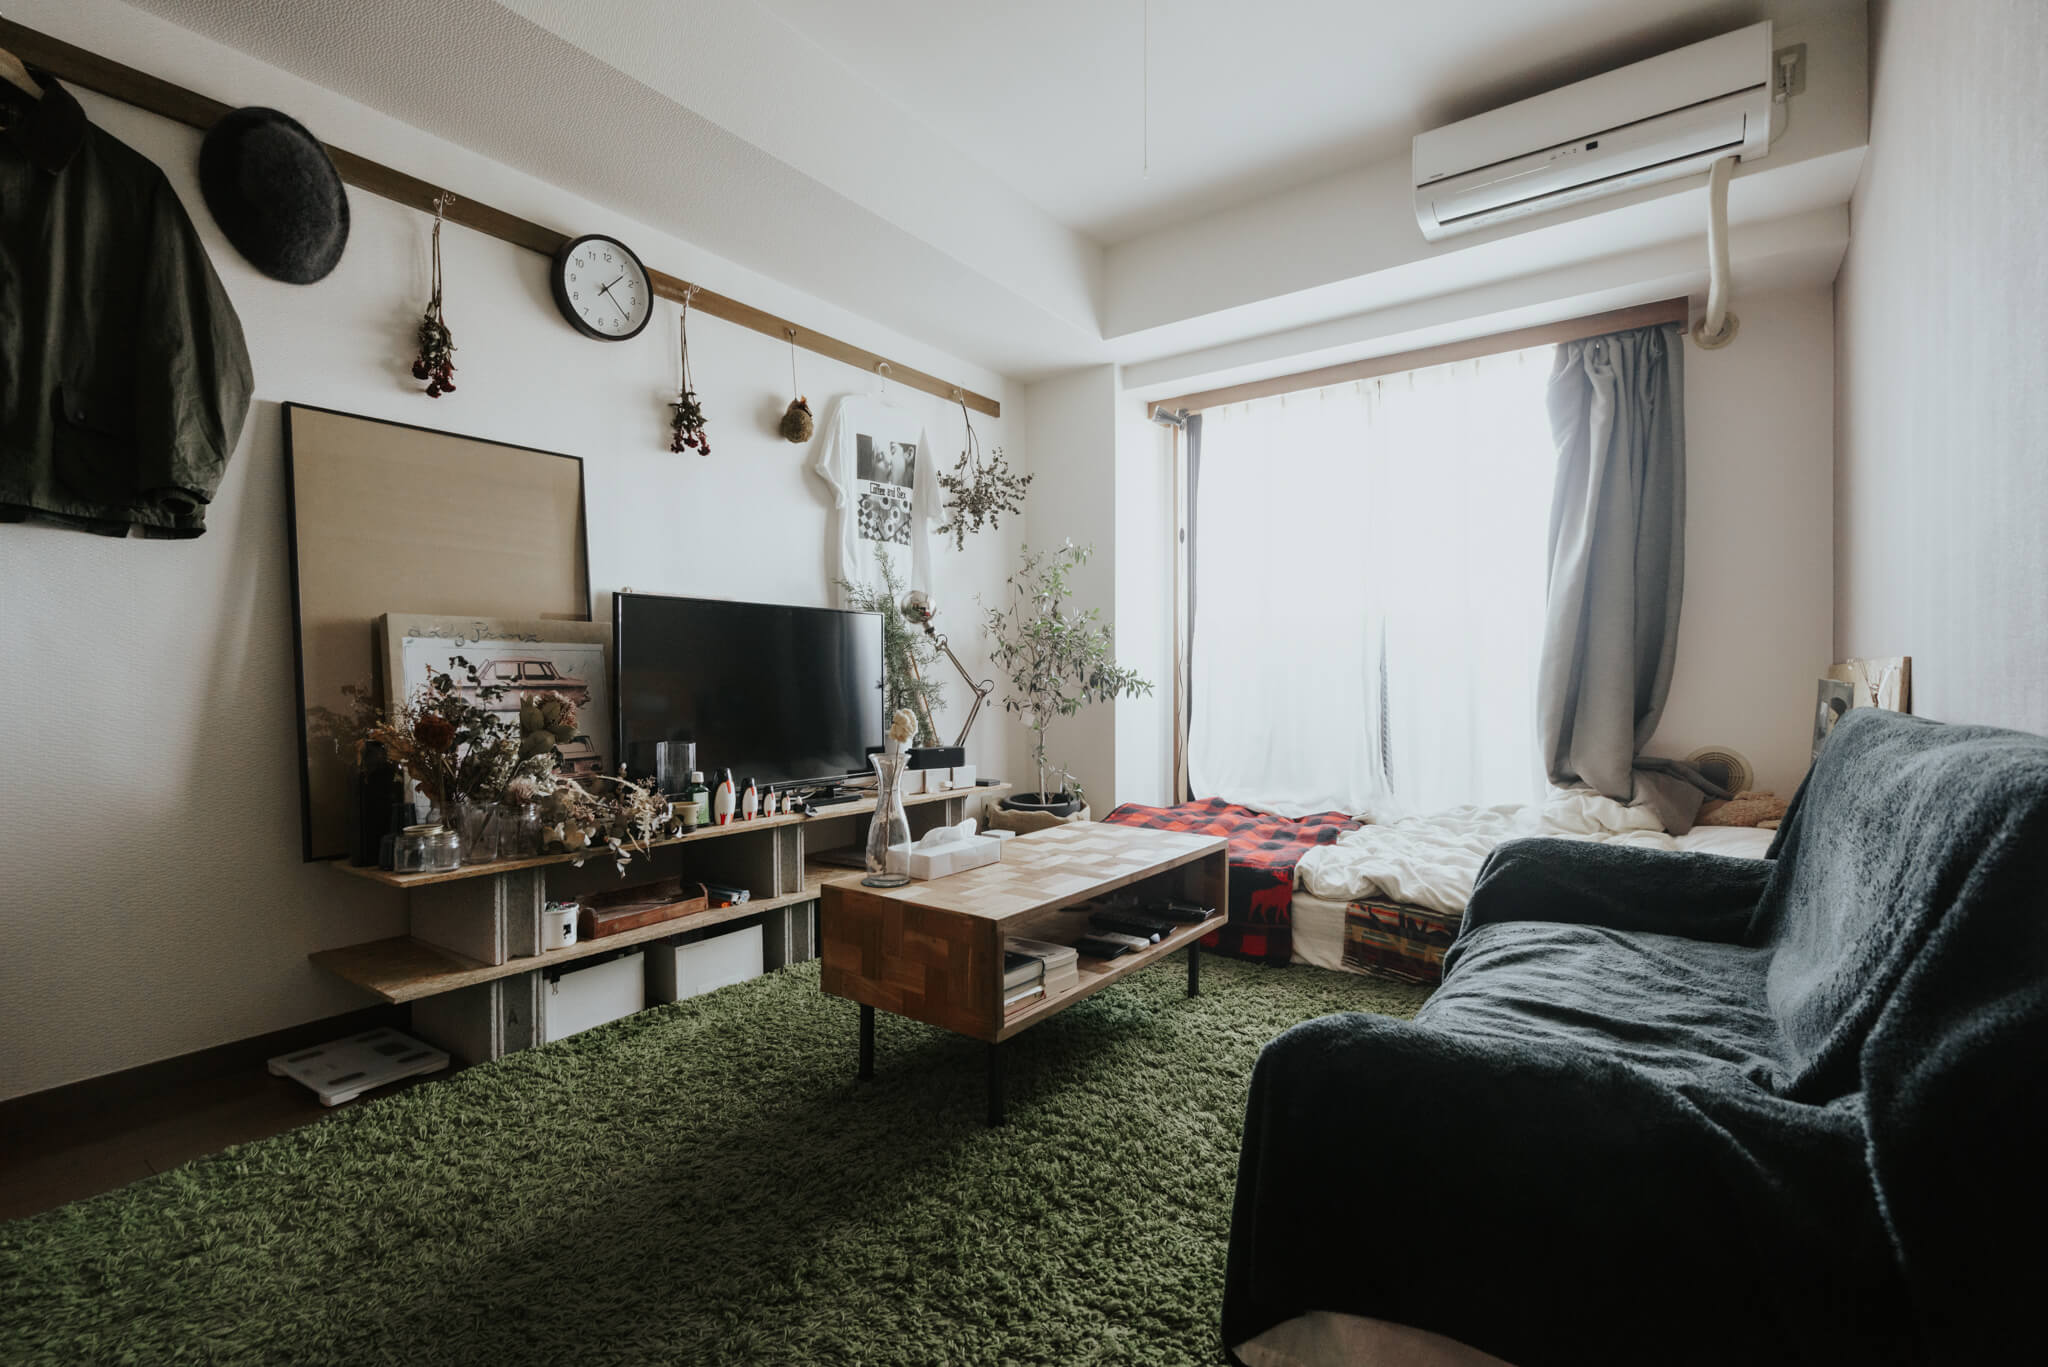 窓にベッドを寄せる時は、光を遮らないようにすのこやパレットを利用した、なるべく低いベッドを選ぶのも大事です!(このお部屋はこちら)